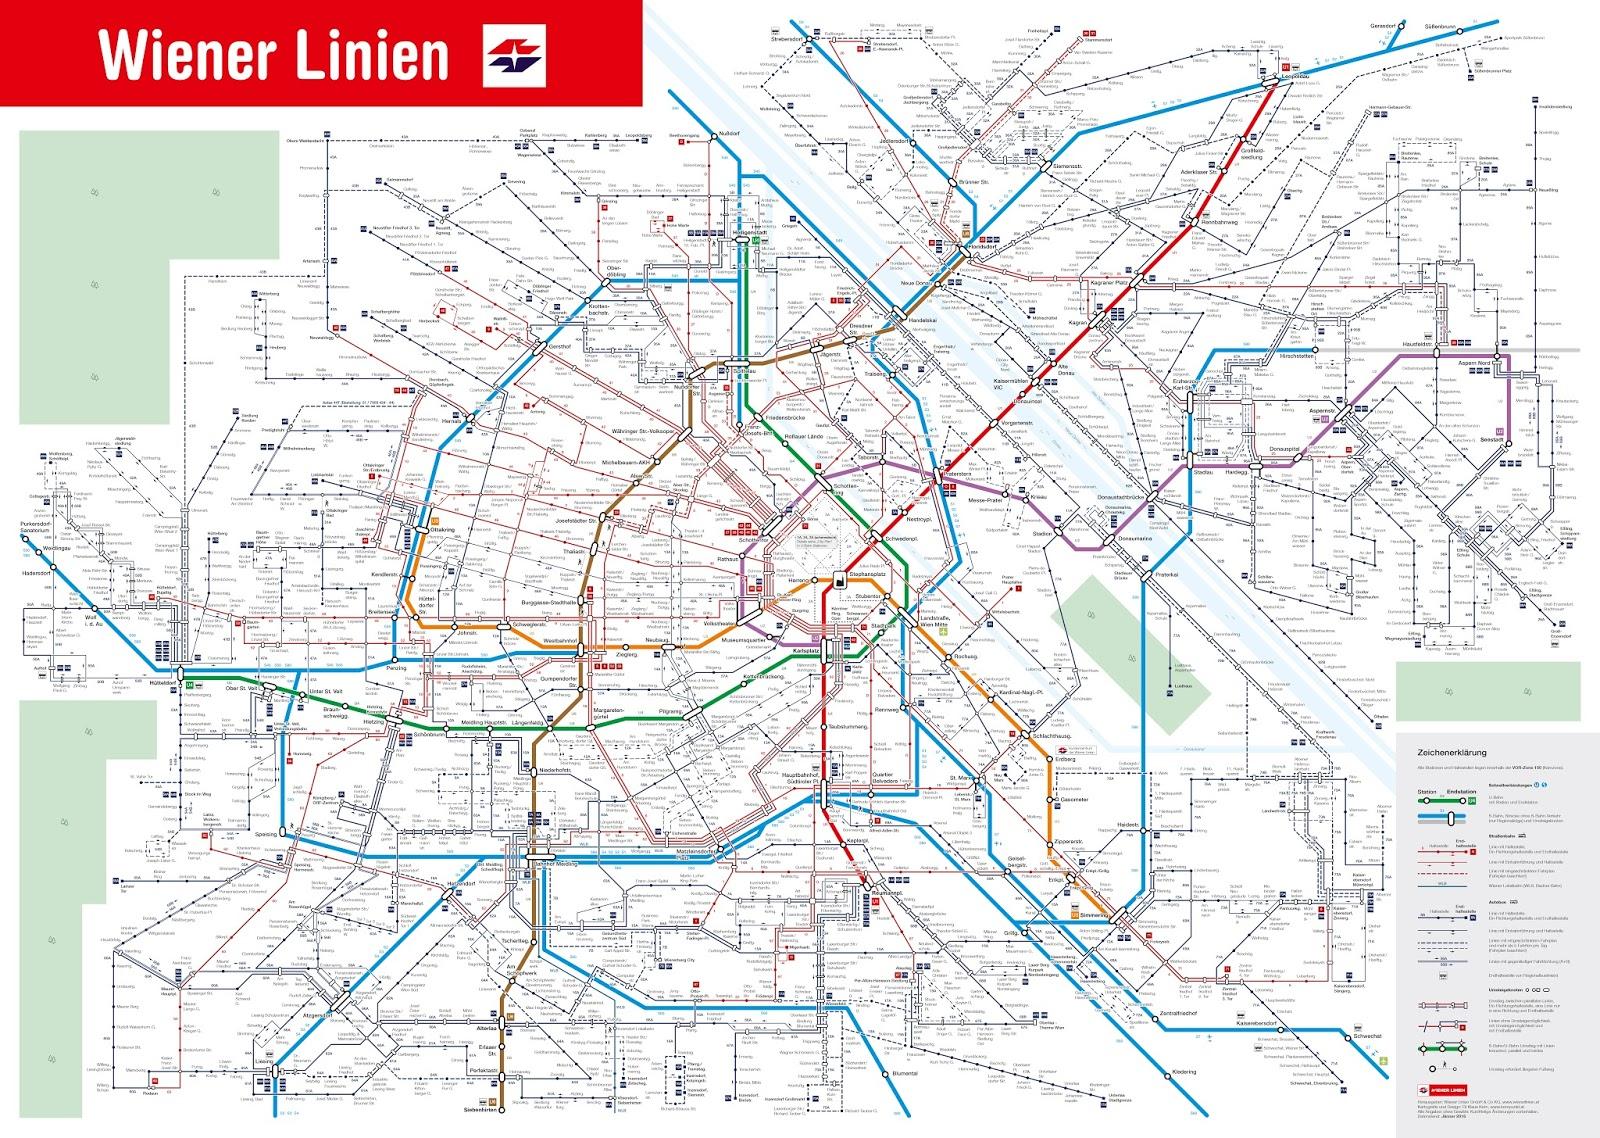 bécs térkép RegionalBahn: Új térkép Bécsben